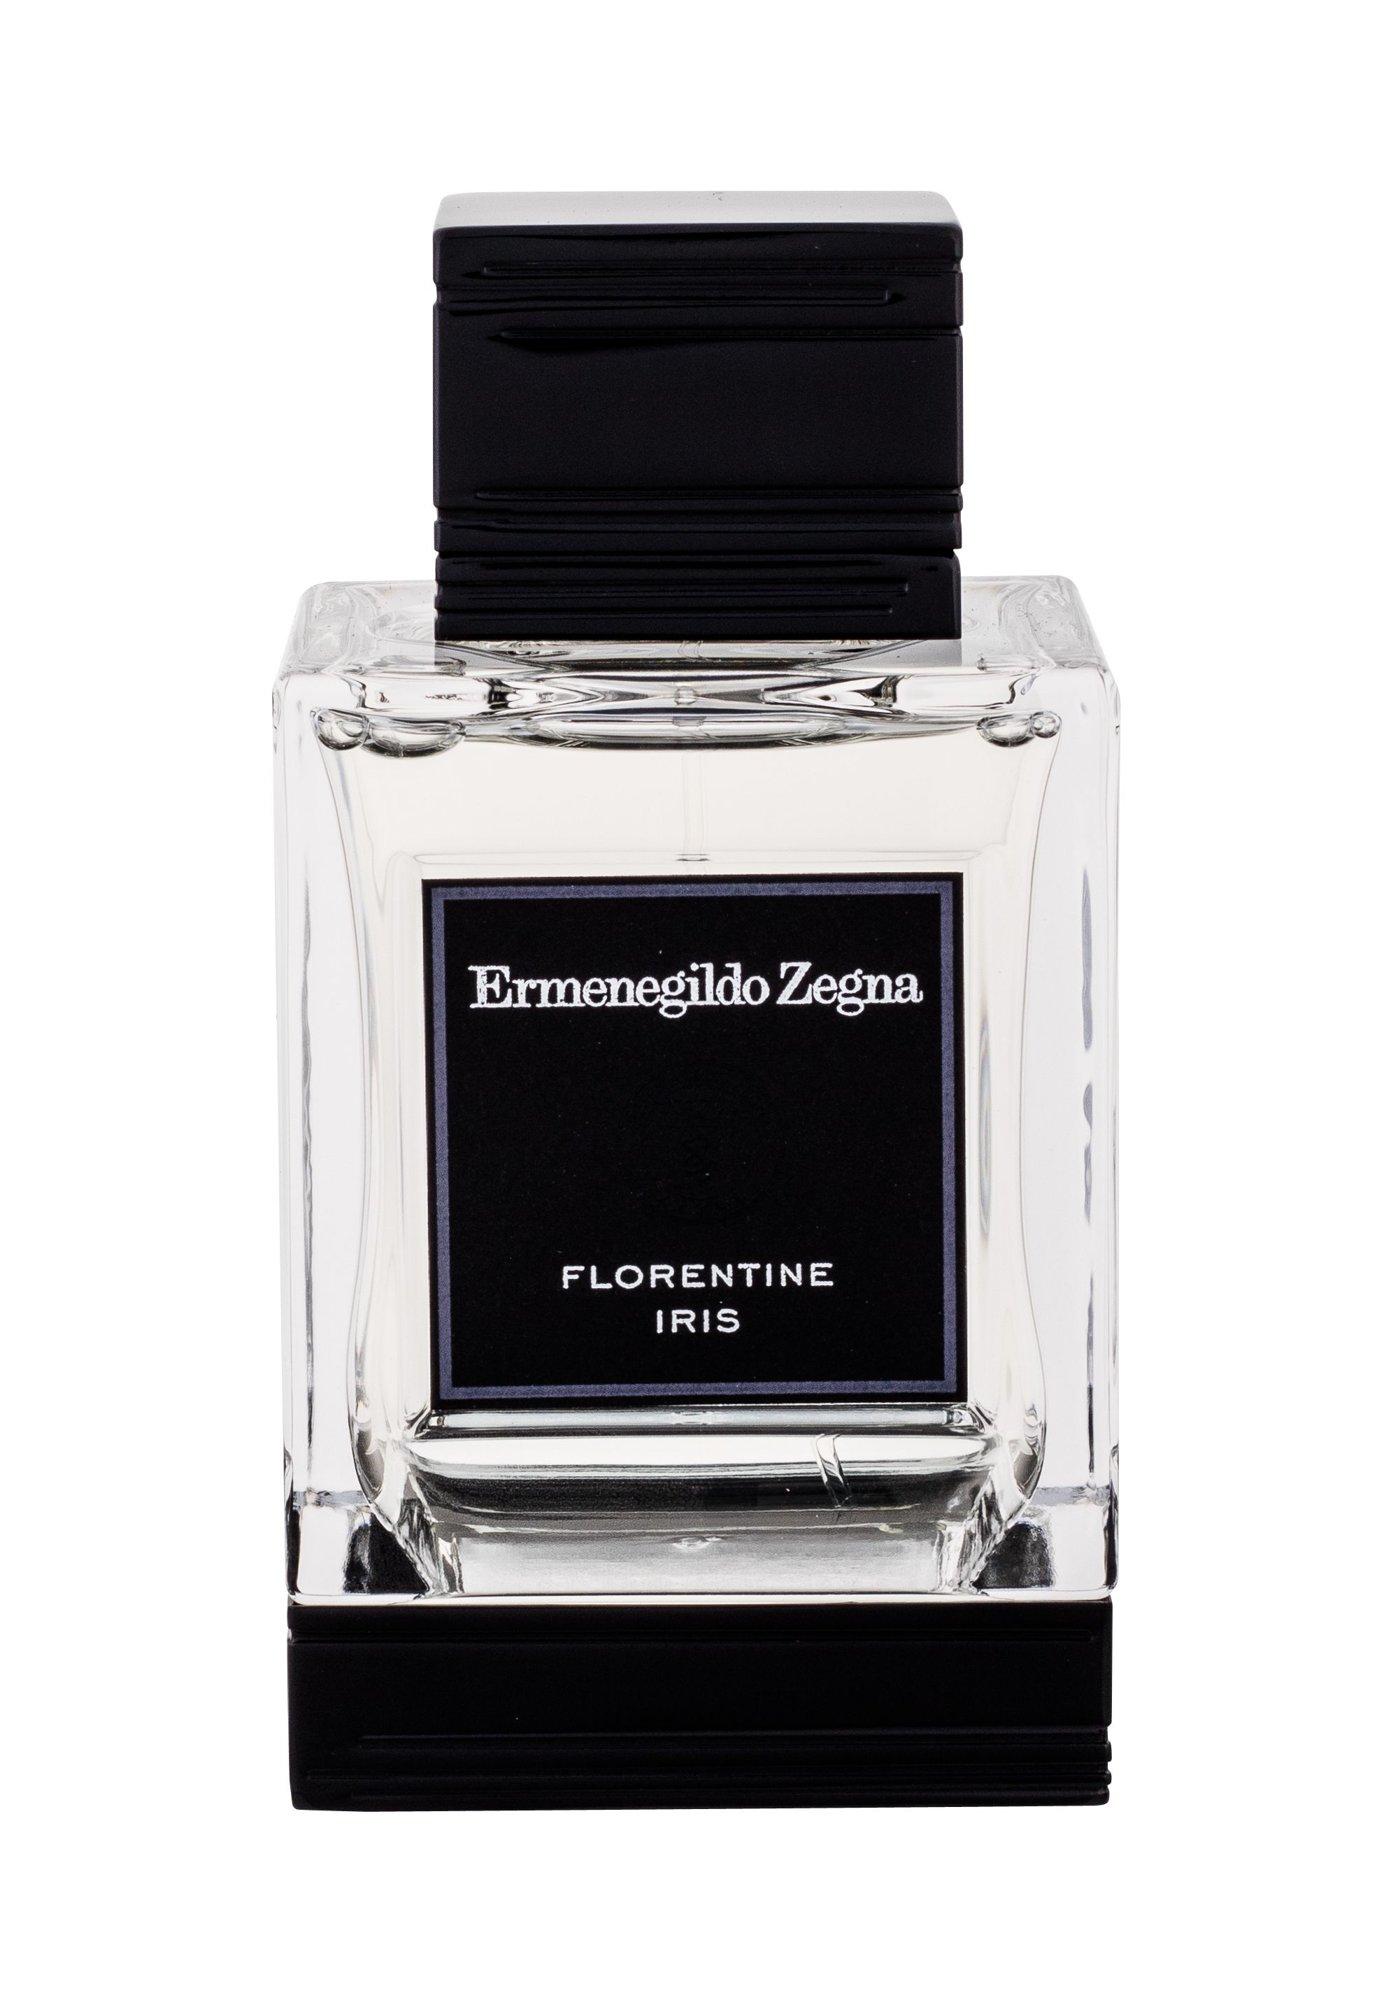 Ermenegildo Zegna Florentine Iris Eau de Toilette 125ml